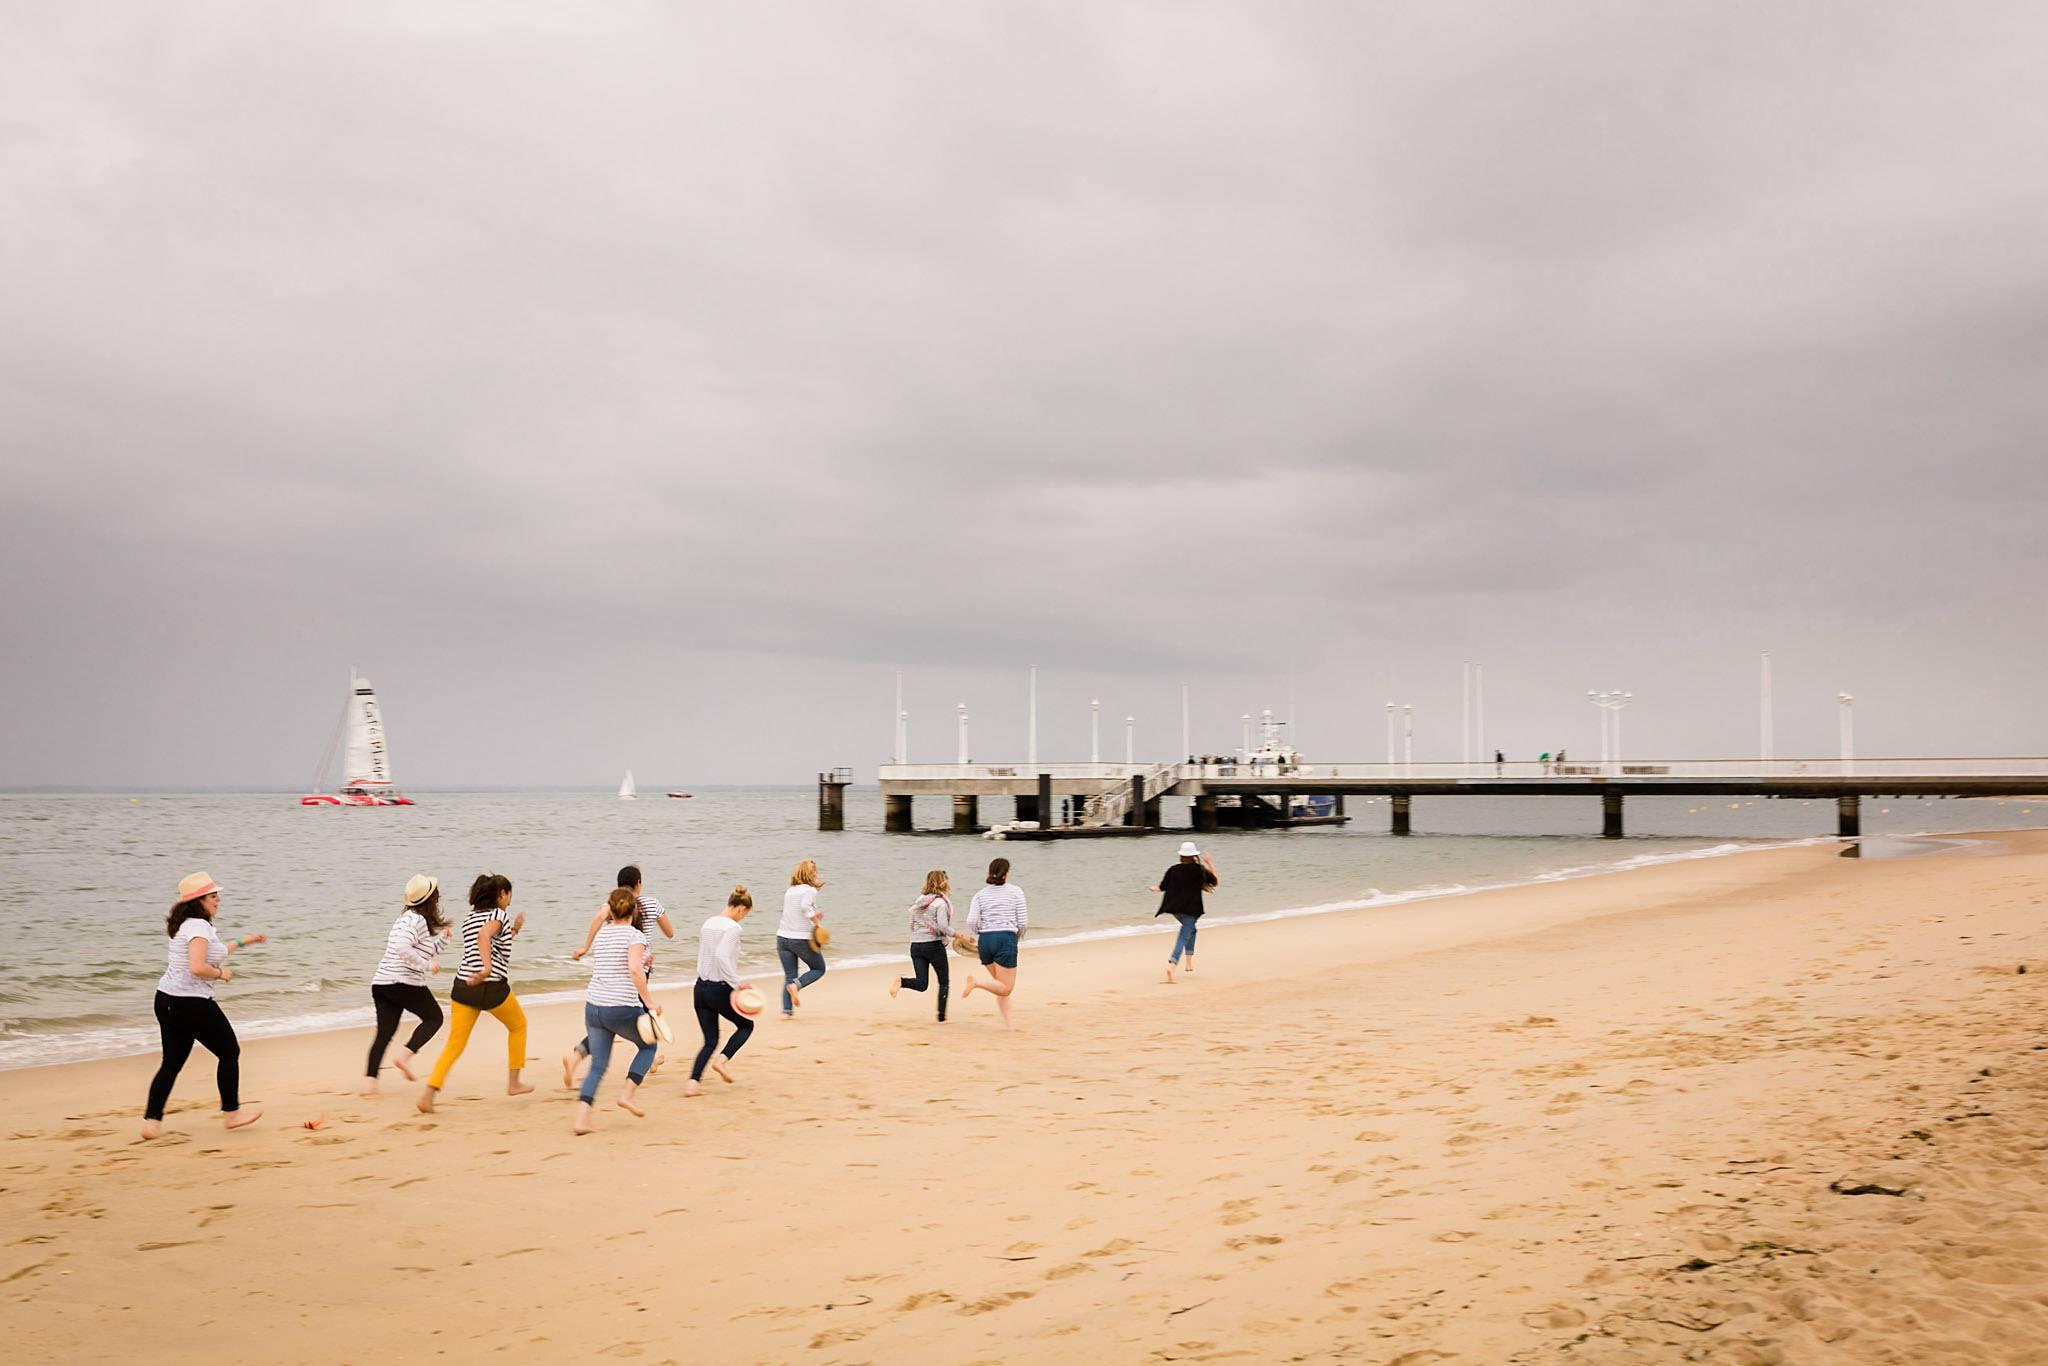 La séance photo de l'enterrement de vie de jeune fille de Marie au centre d'Arcachon en Gironde et sa plage ! Alexandre Roschewitz Photographe EVJF